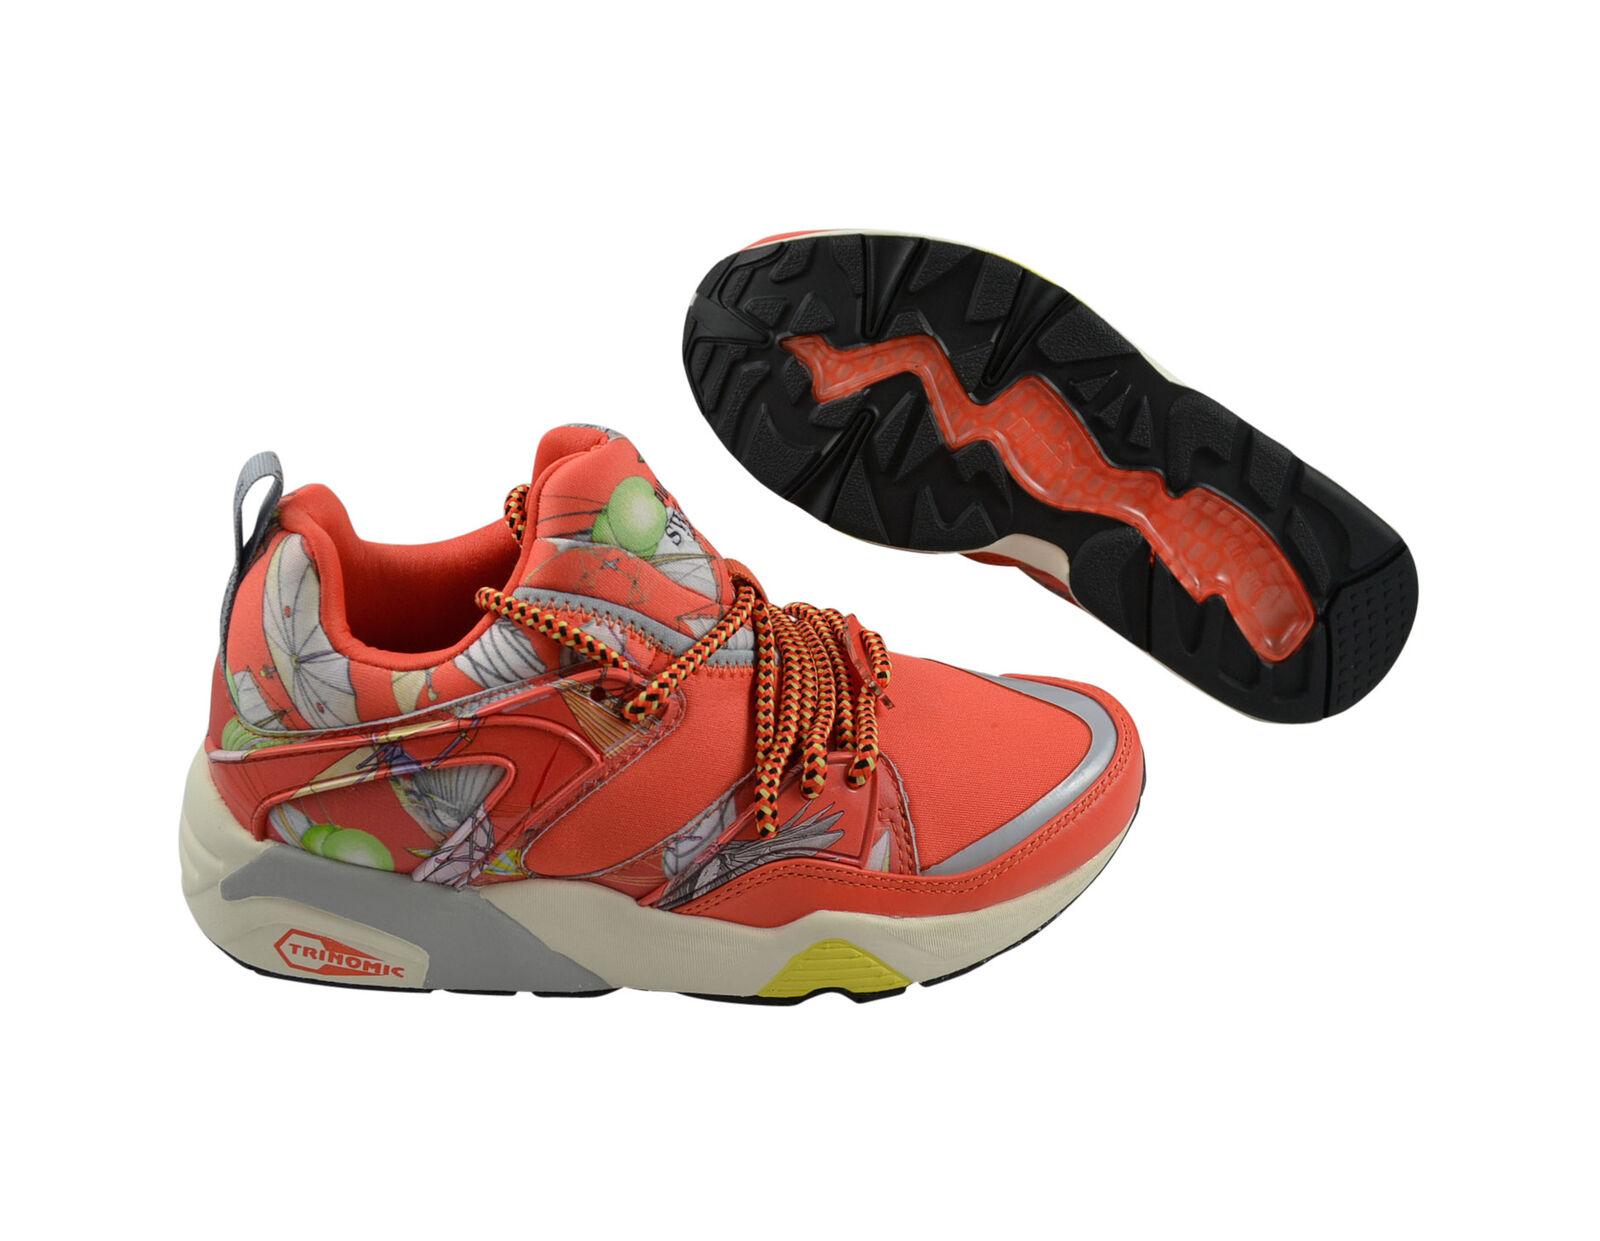 Puma Blaze of of of Glory wns x exagérément O Londres Nasturtium Baskets Chaussures 358856 01 bafb0d